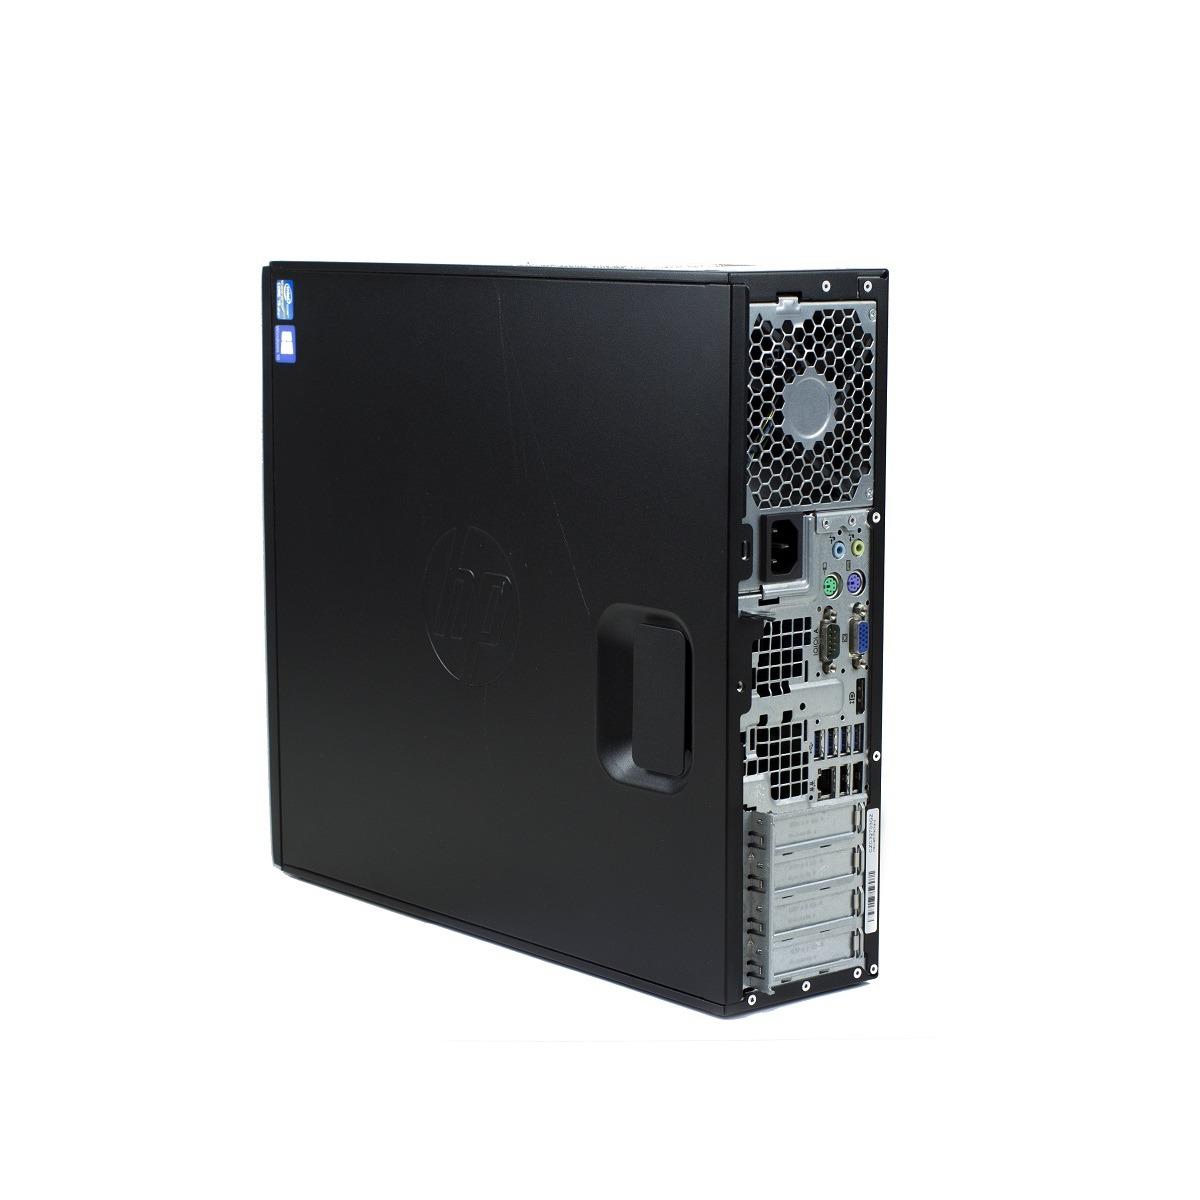 Pc refoo galaxy hp elite 6300 sff i5-3470 4gb ssd 480gb dvd windows 10 professional update garanzia 24 mesi completo di kit tastiera e mouse ed imballo personalizzato